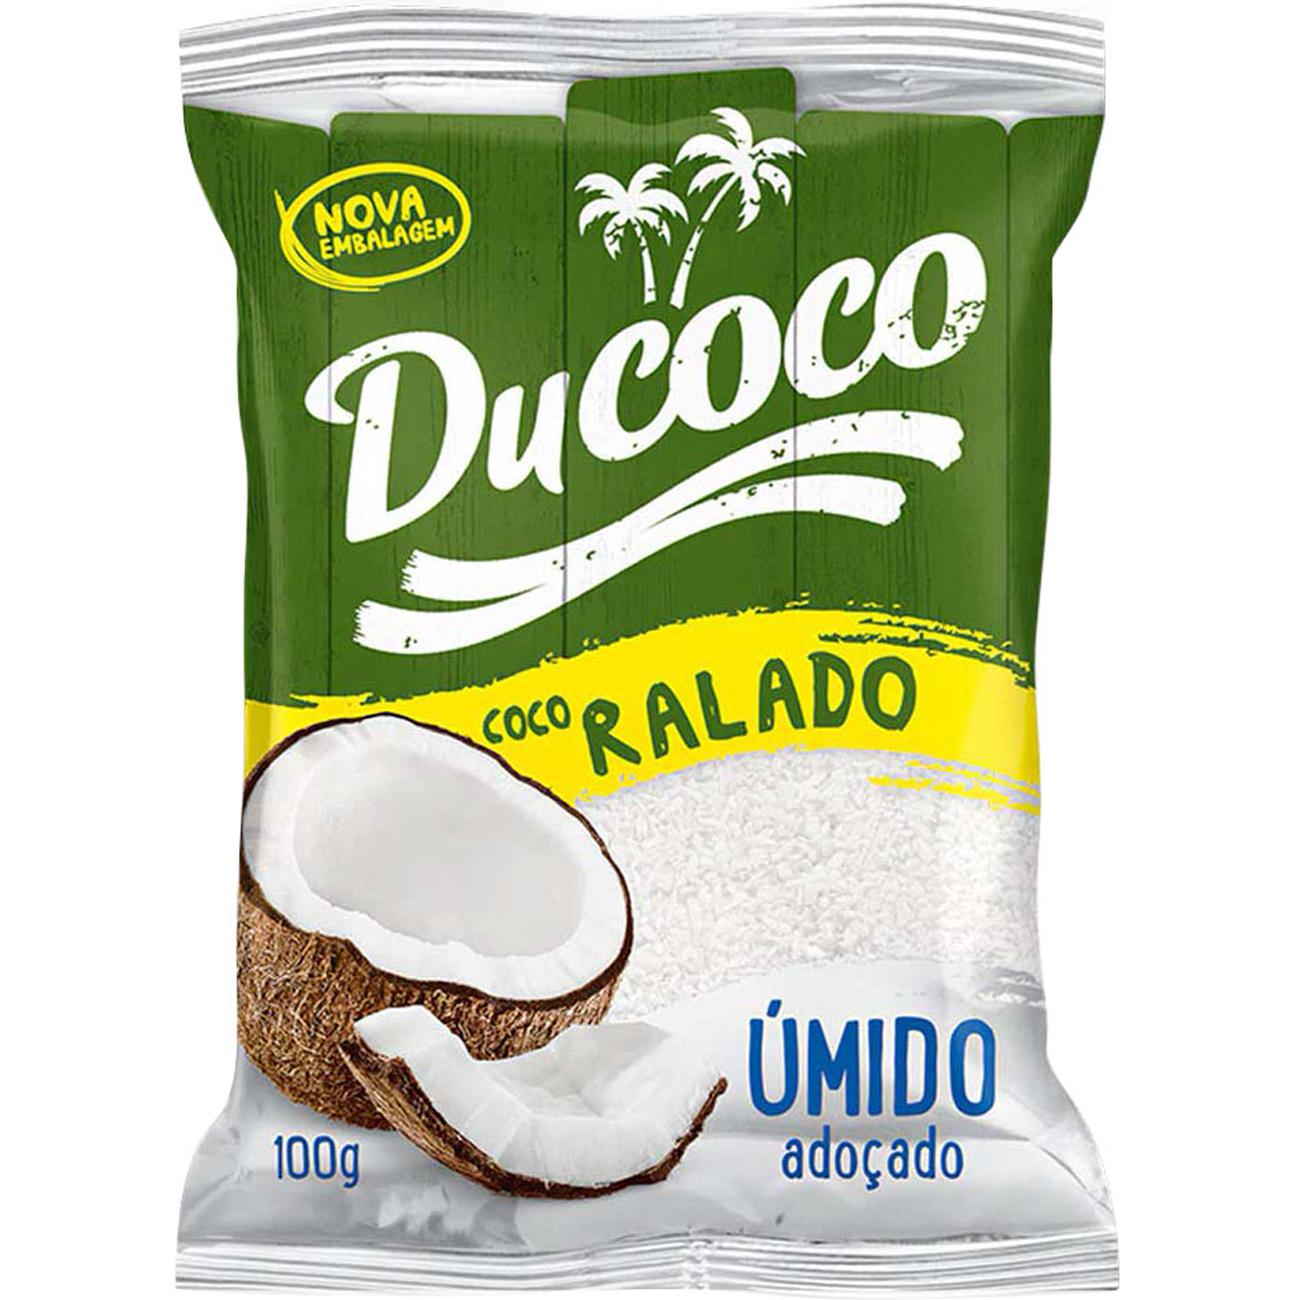 Coco Ralado Ducoco Umido E Adocado 100G